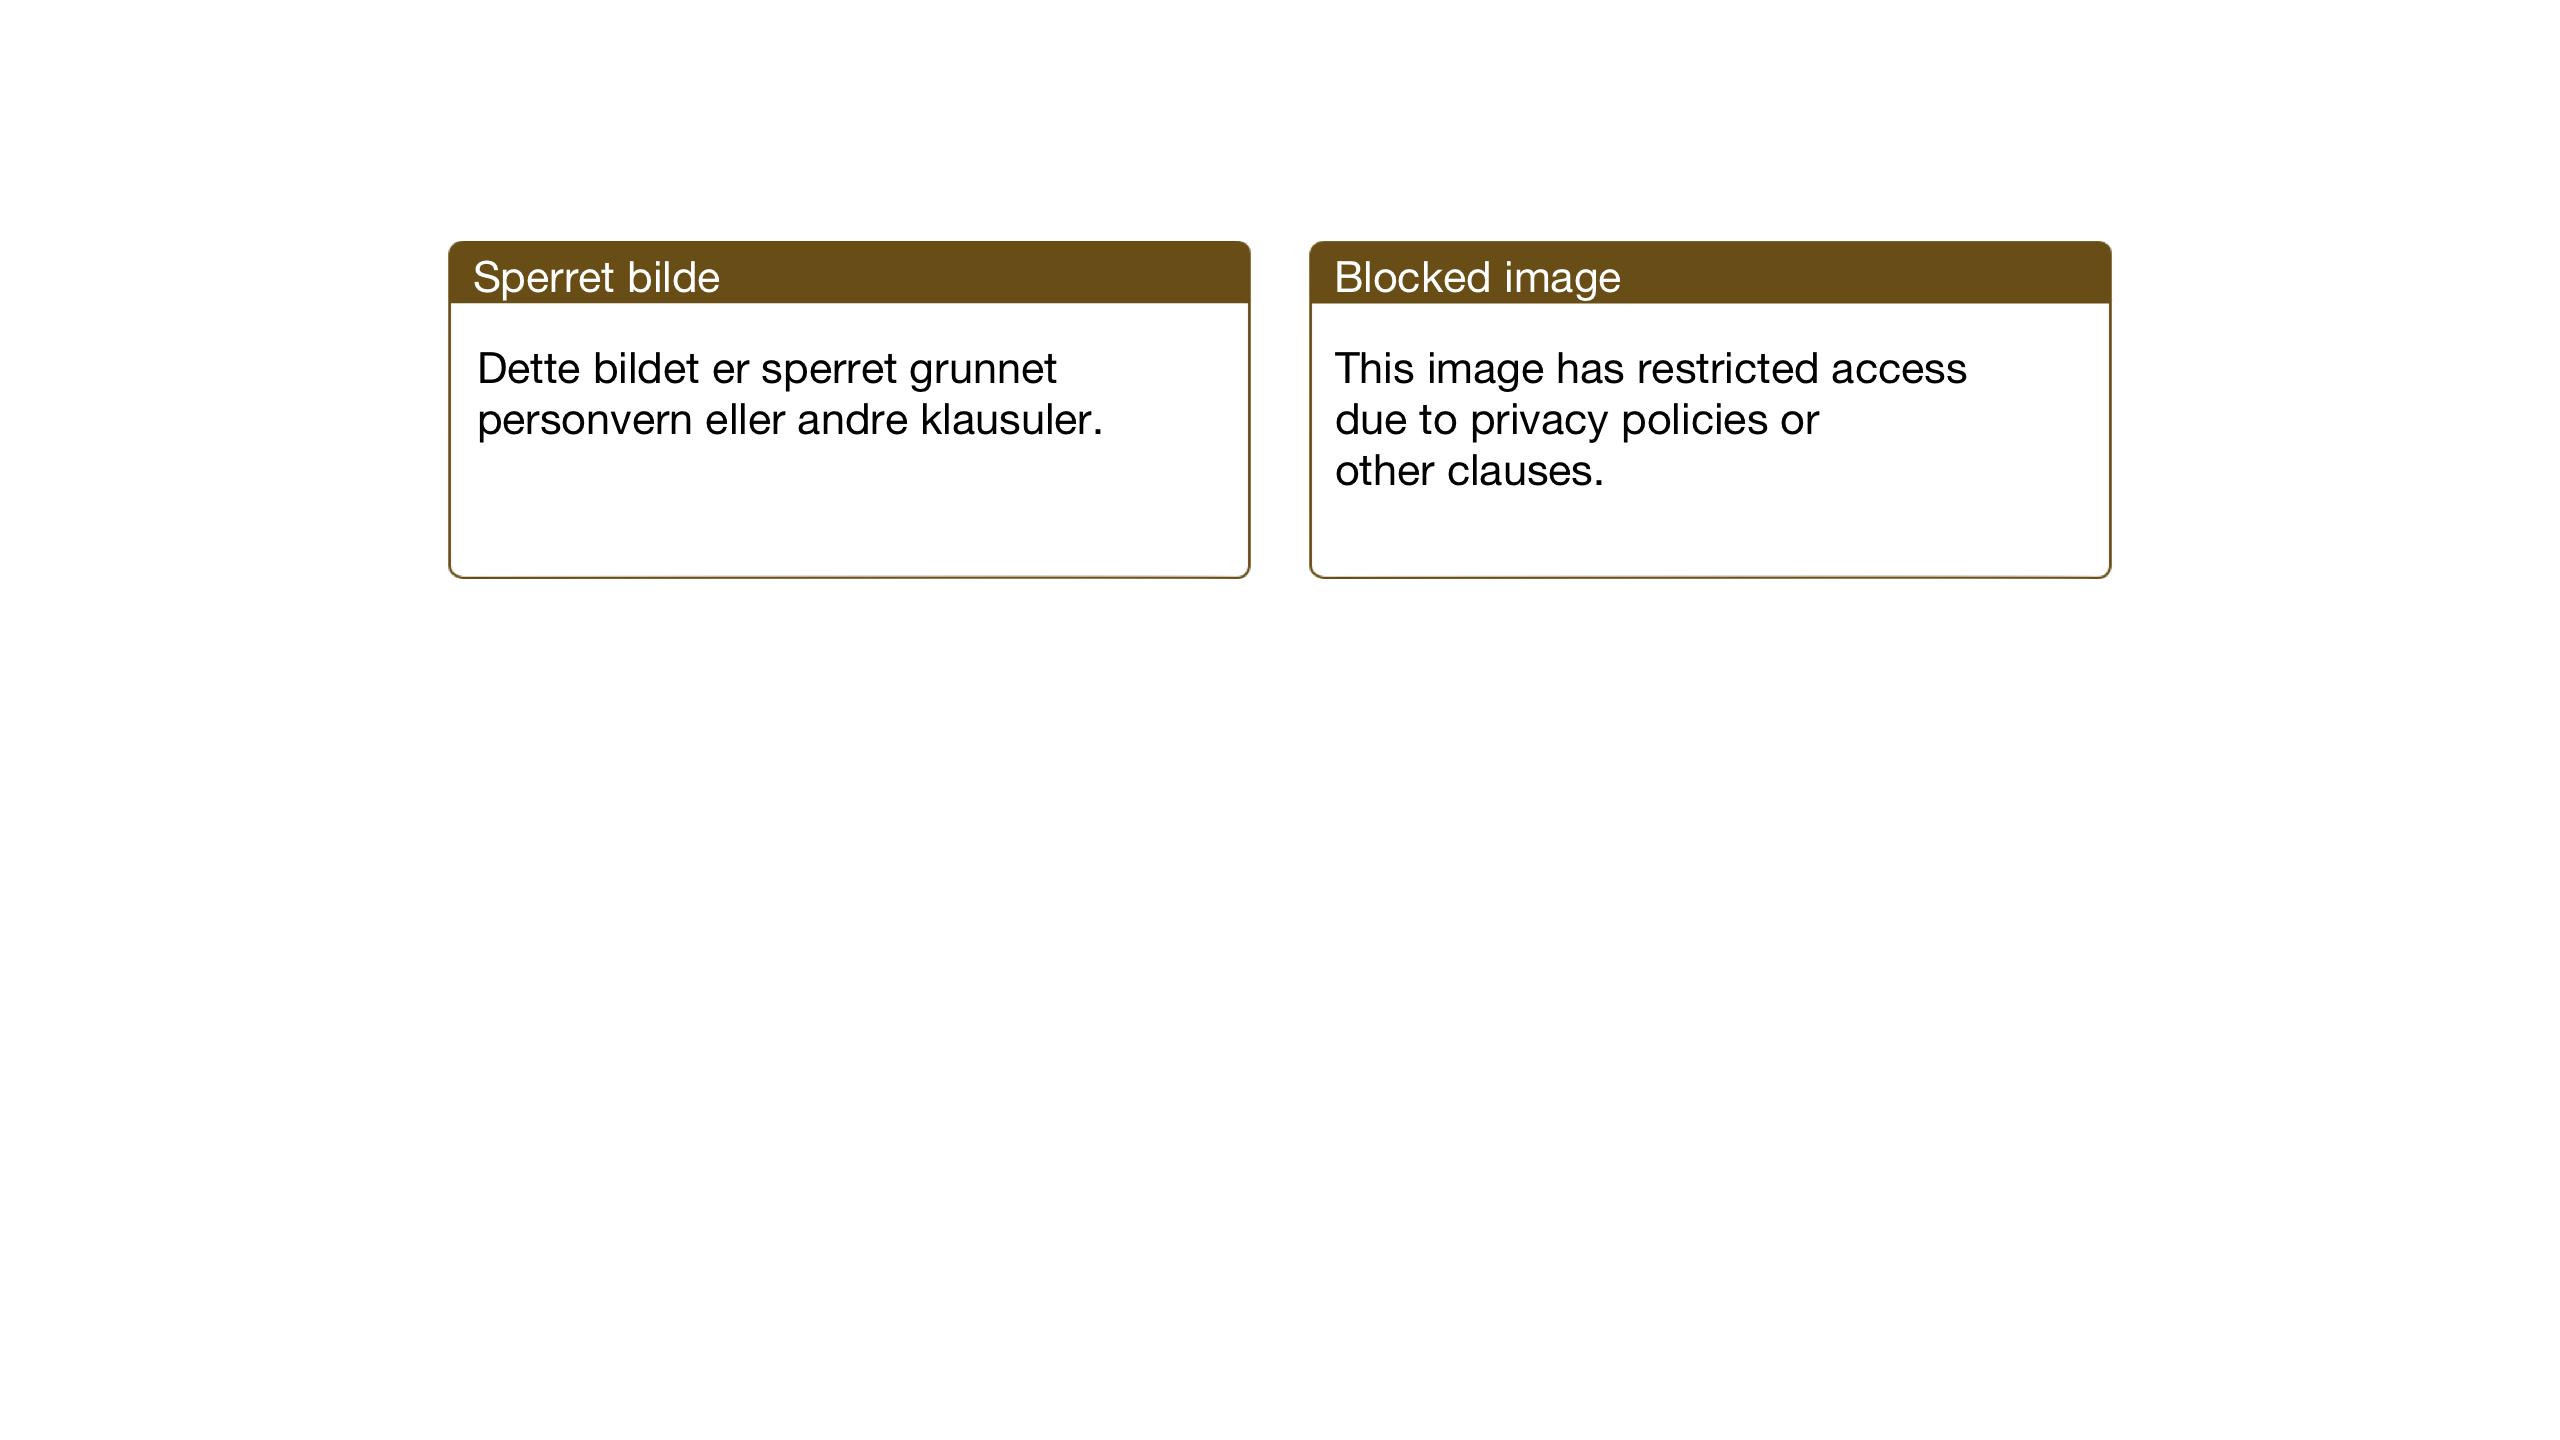 SAT, Ministerialprotokoller, klokkerbøker og fødselsregistre - Sør-Trøndelag, 653/L0658: Klokkerbok nr. 653C02, 1919-1947, s. 68